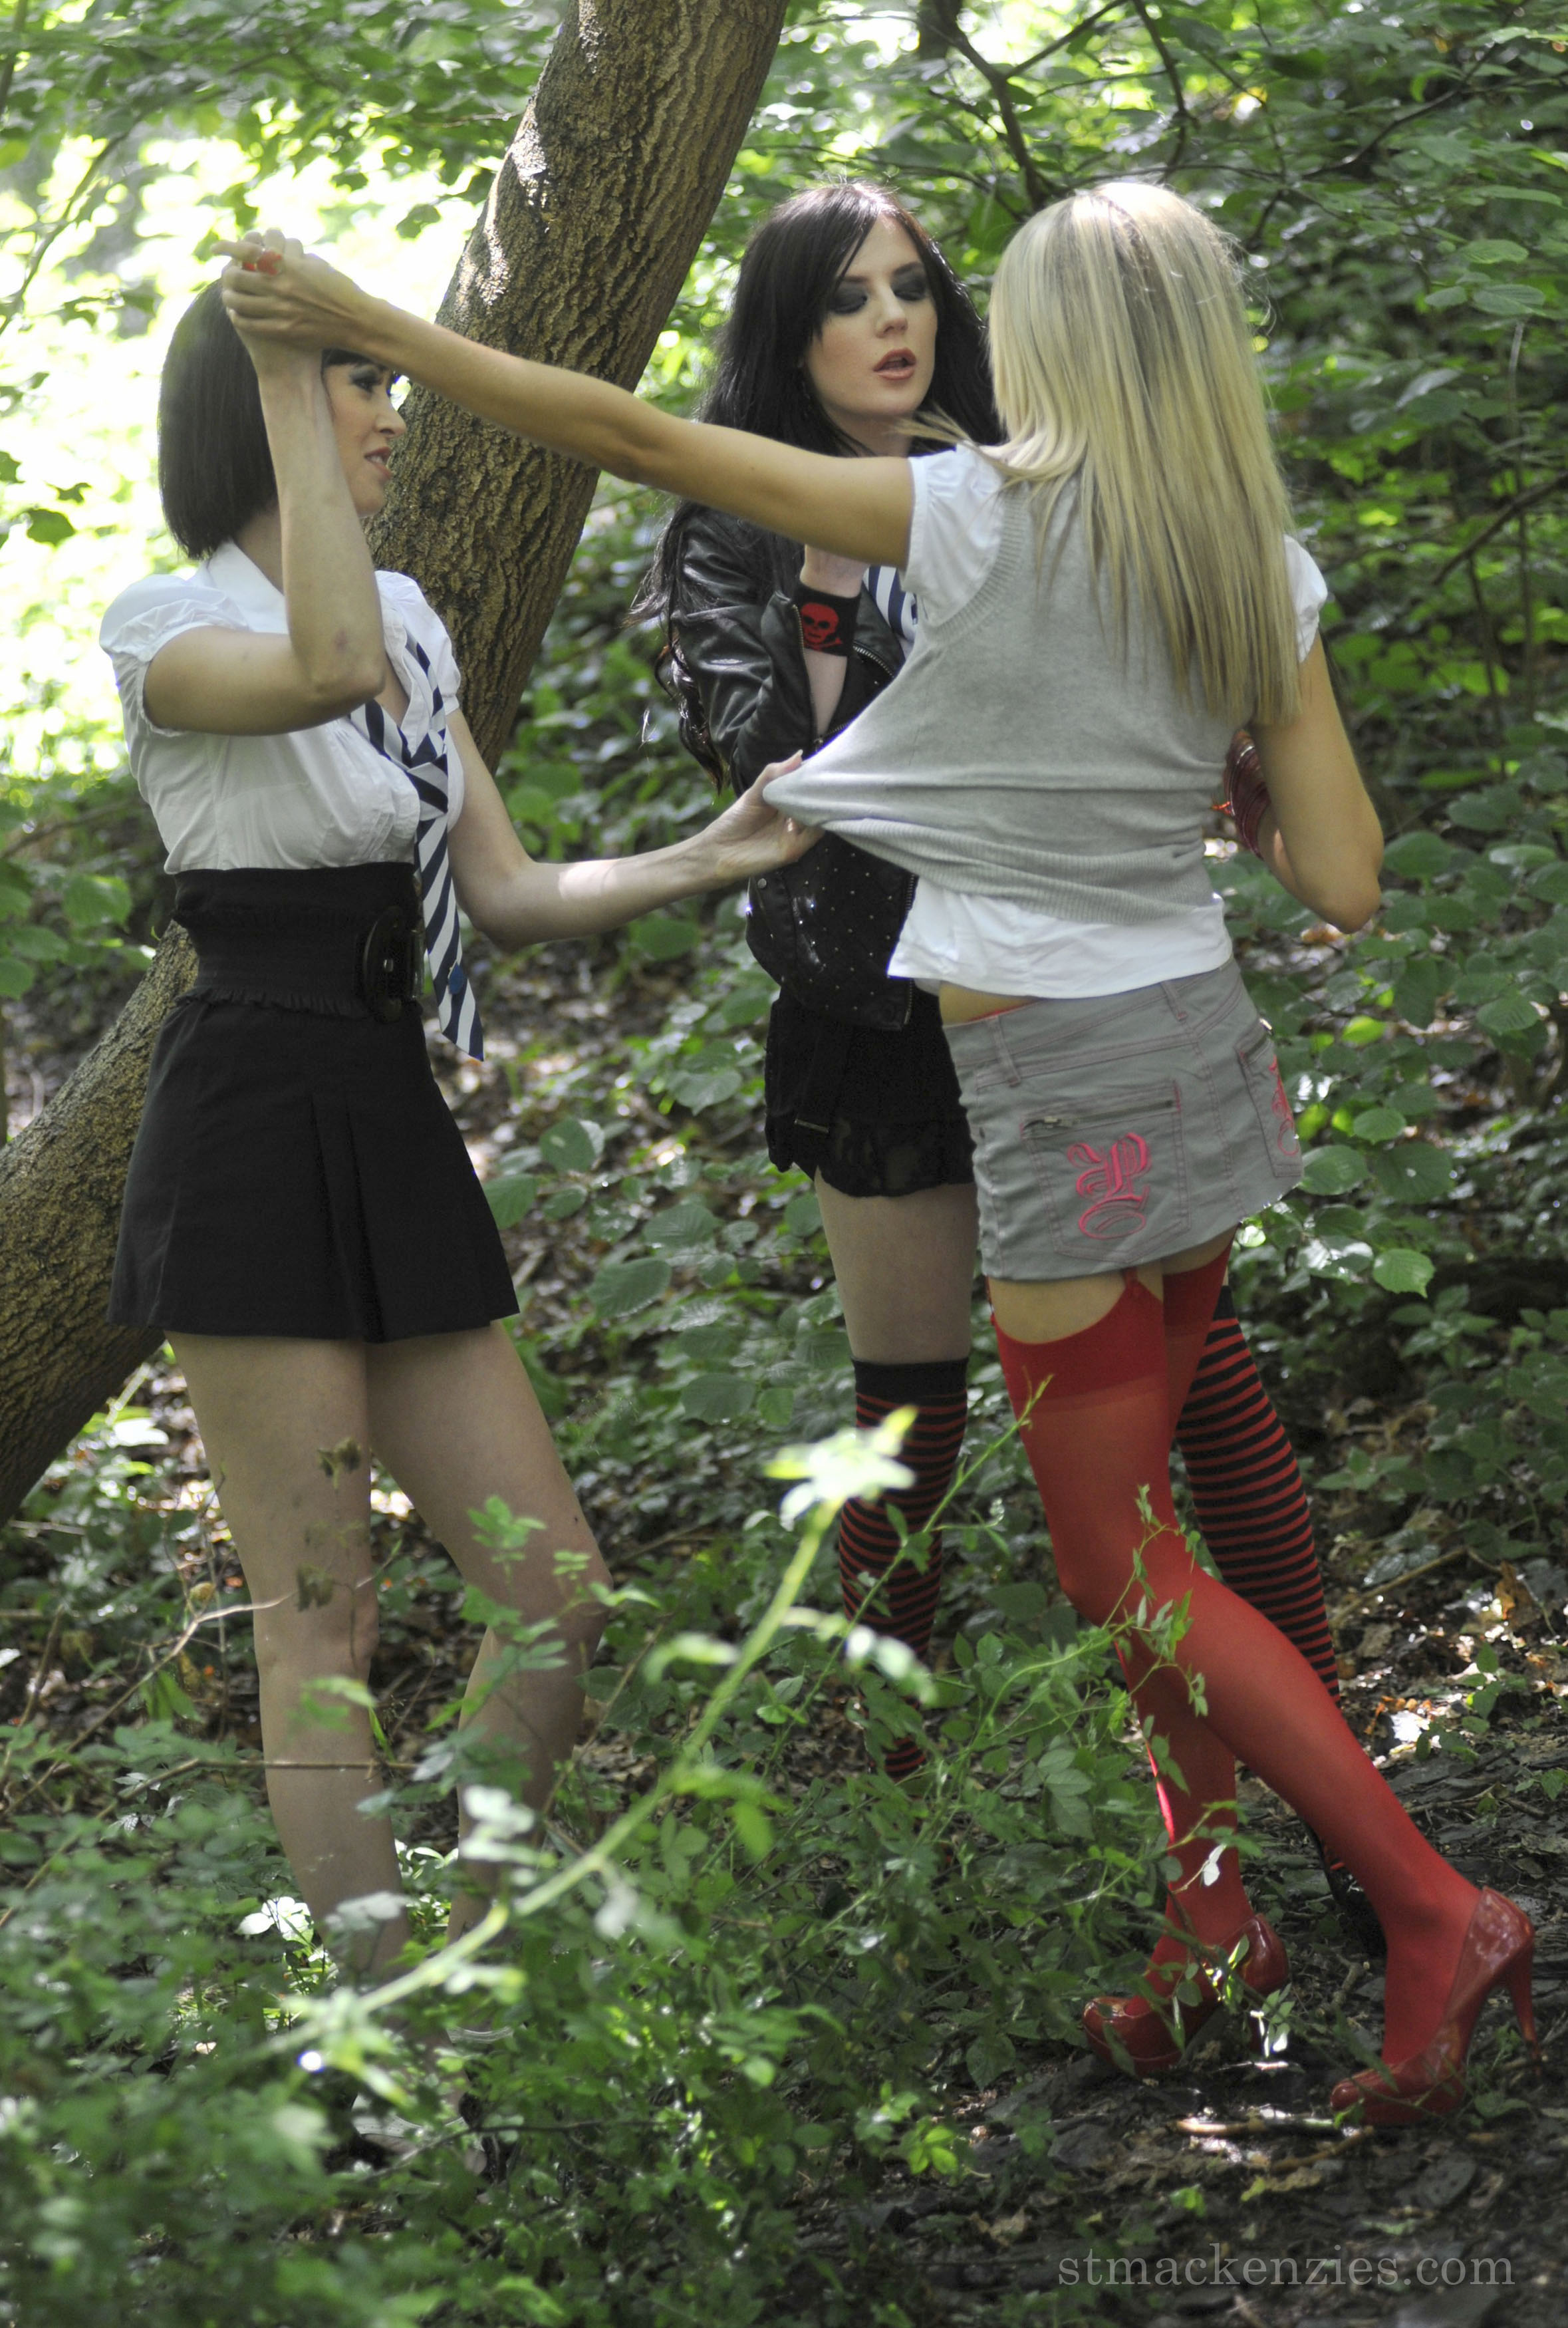 Связал девушку в лесу 8 фотография